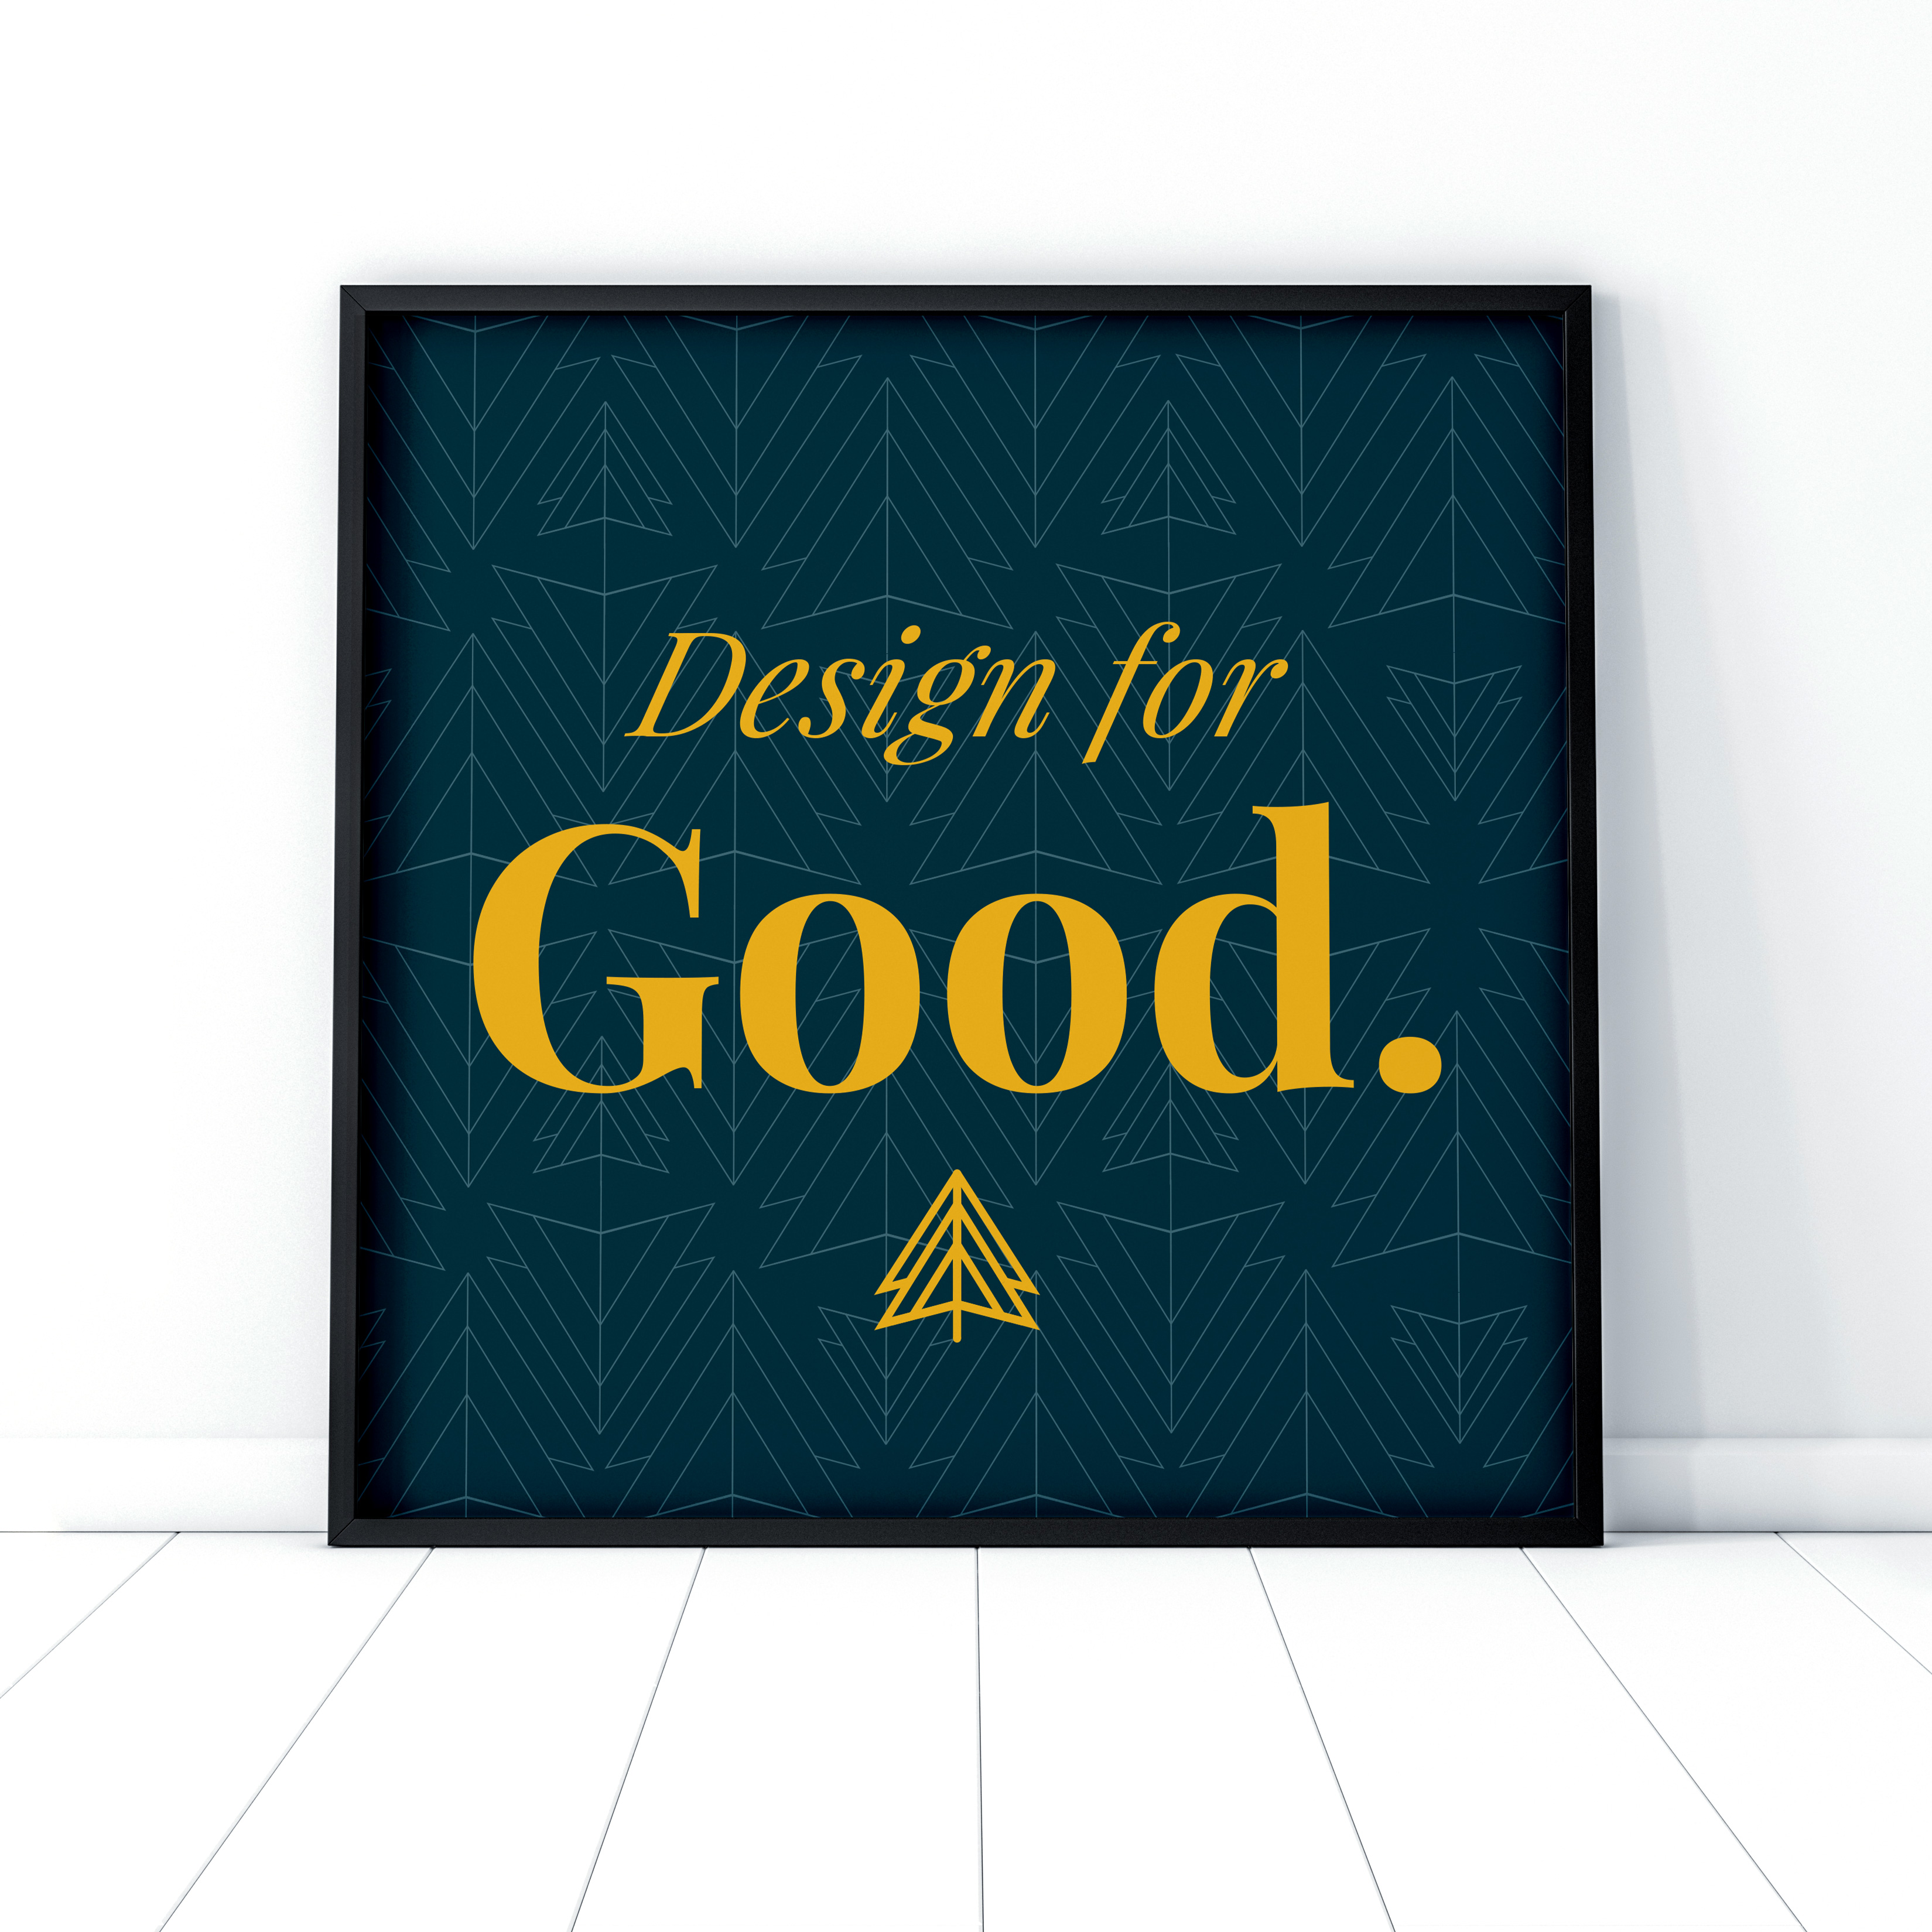 Positive Impact Through Graphic Design